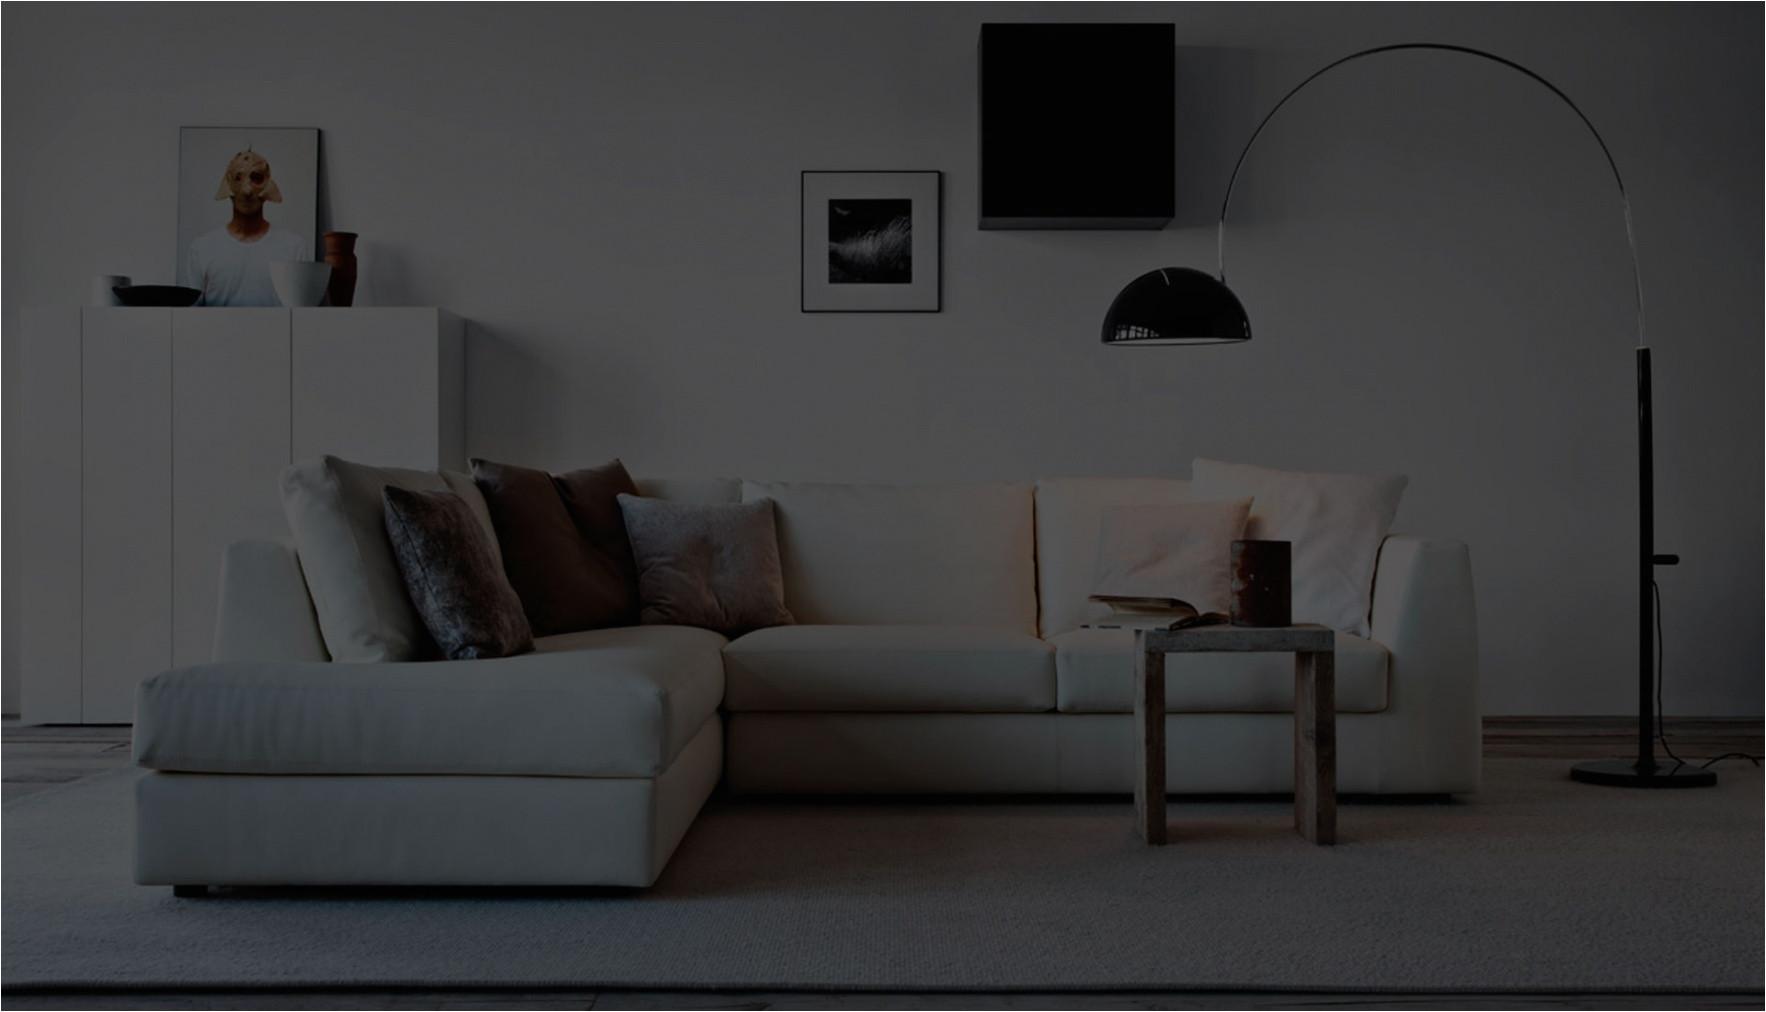 mueblerias en monterrey fabrica de muebles modernos mesas para edor f brica de muebles